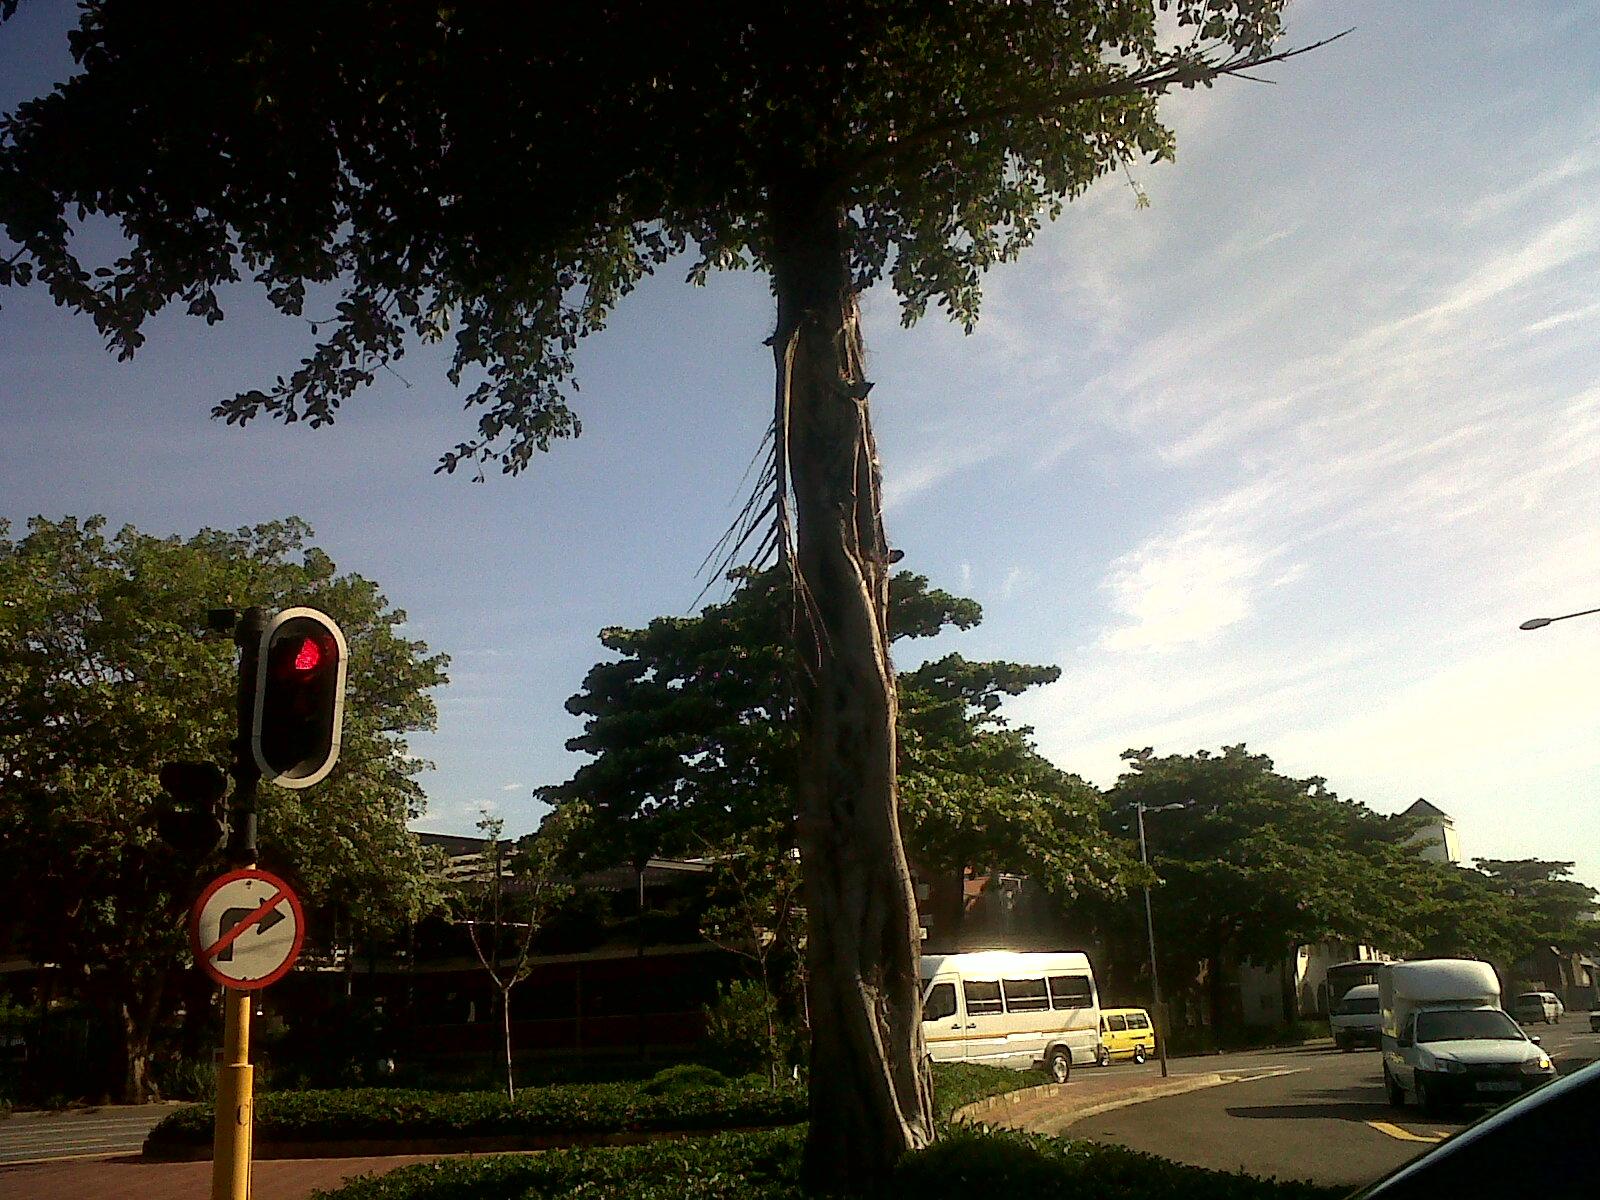 Izihlahla zetheku durban celebrates trees